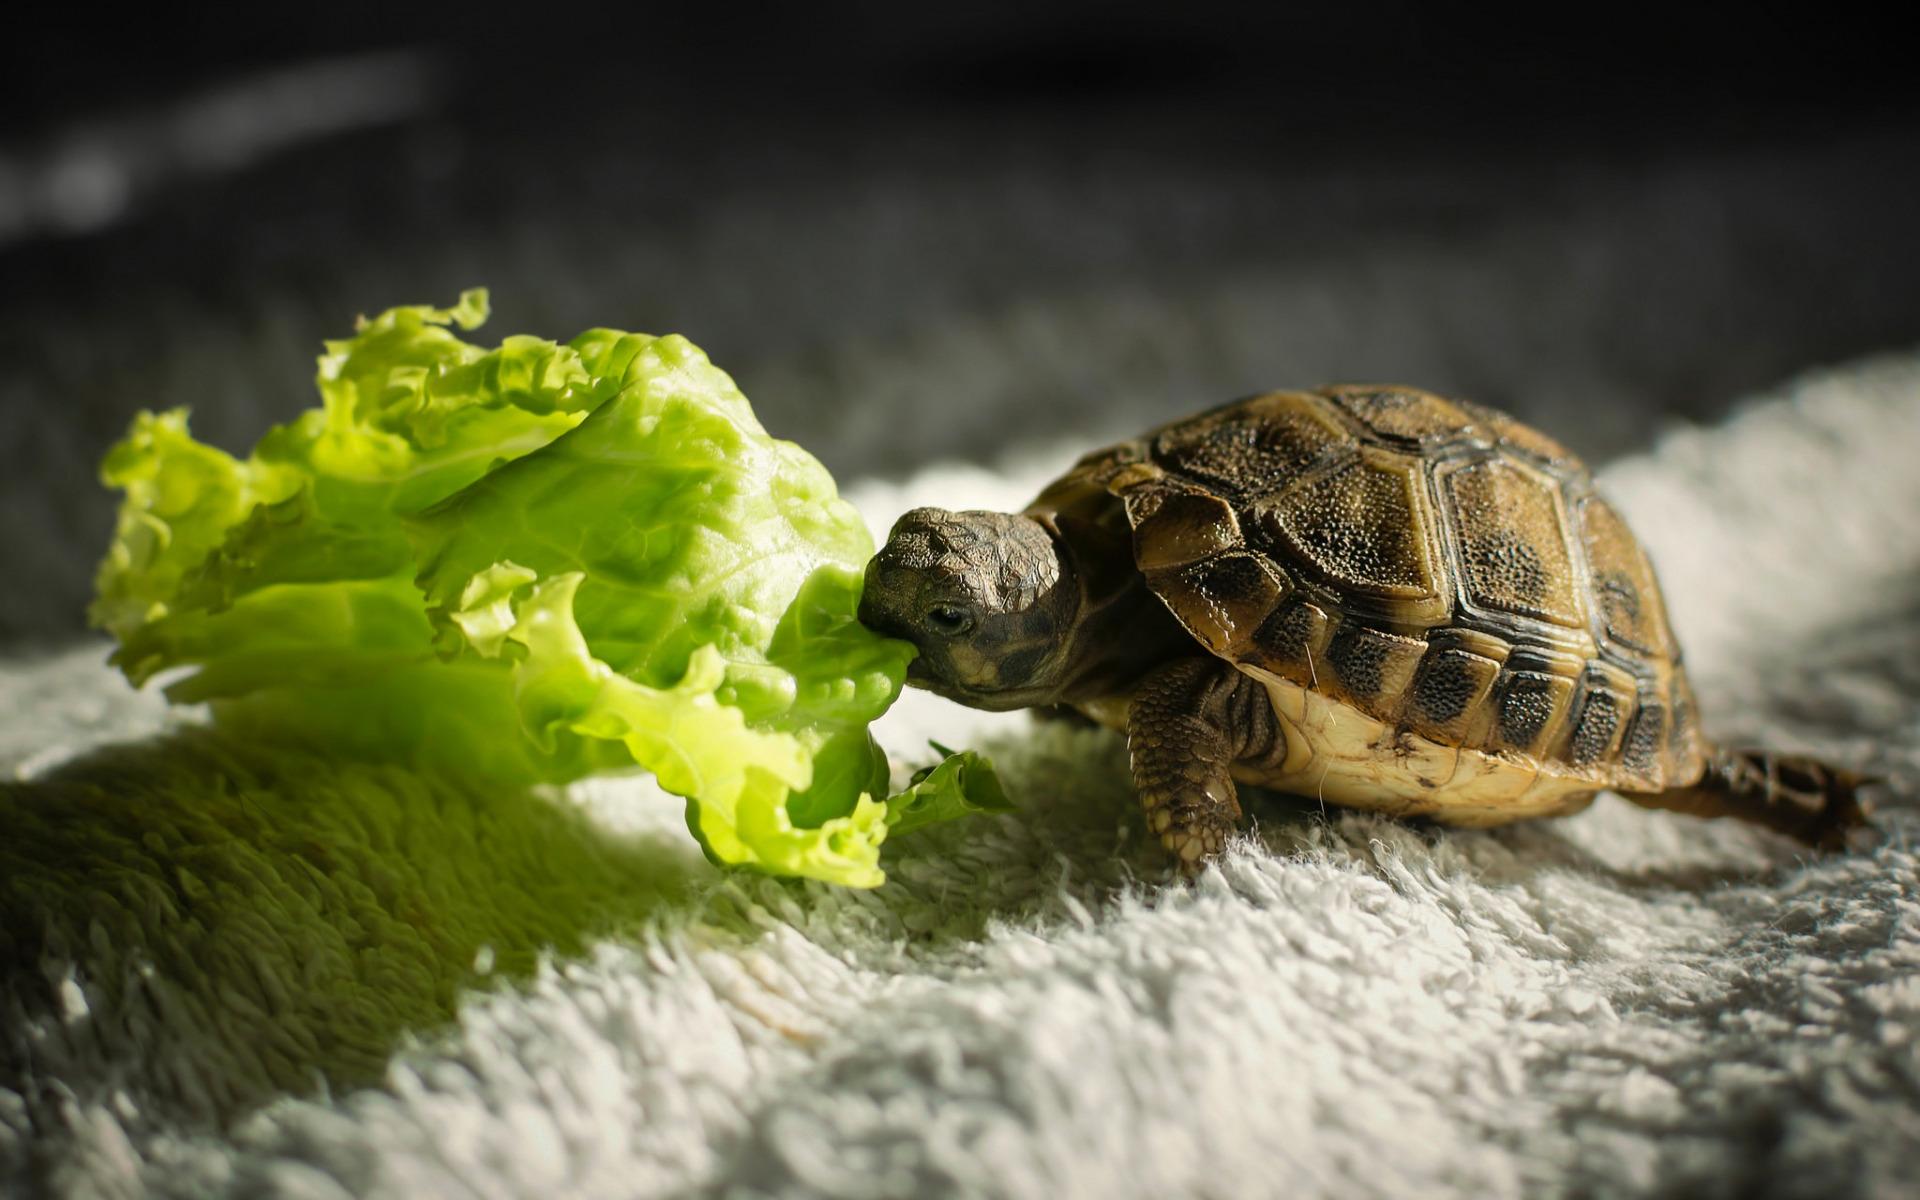 صورة صور سلاحف صغيرة , تعرف كيف تعيش السلاحف الصغيره